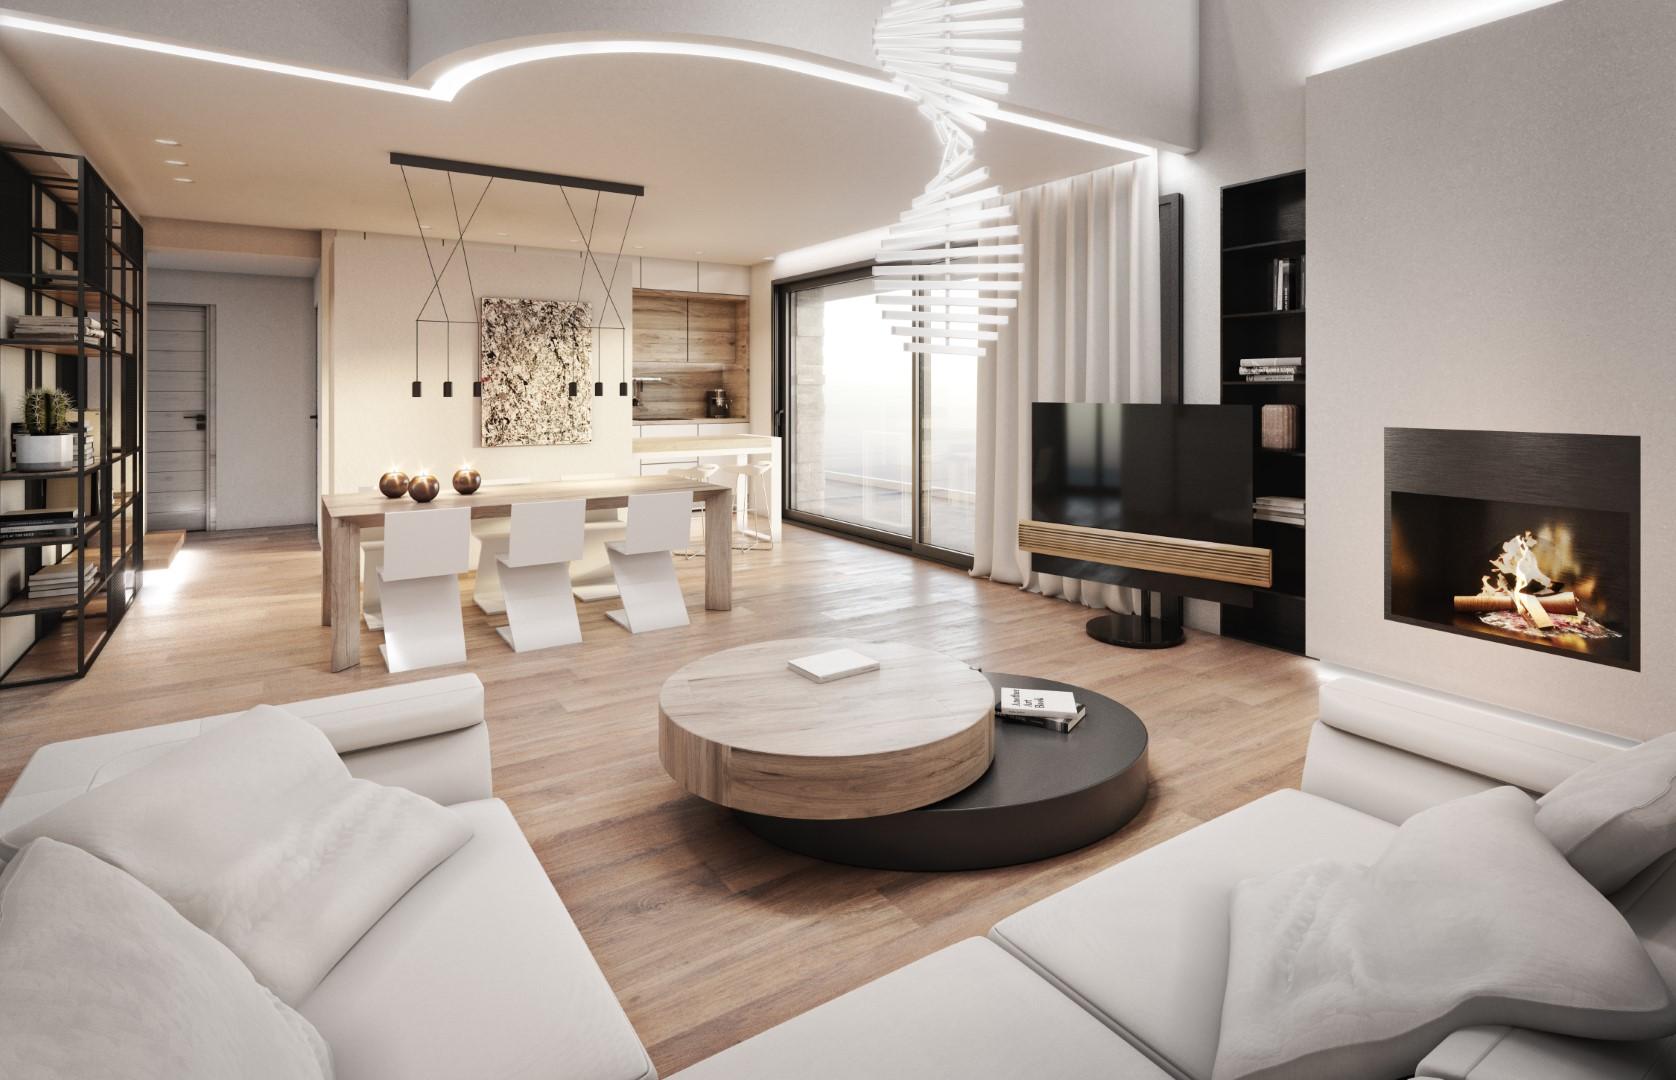 Nafpliou 6os F Livingroom 01 (large)